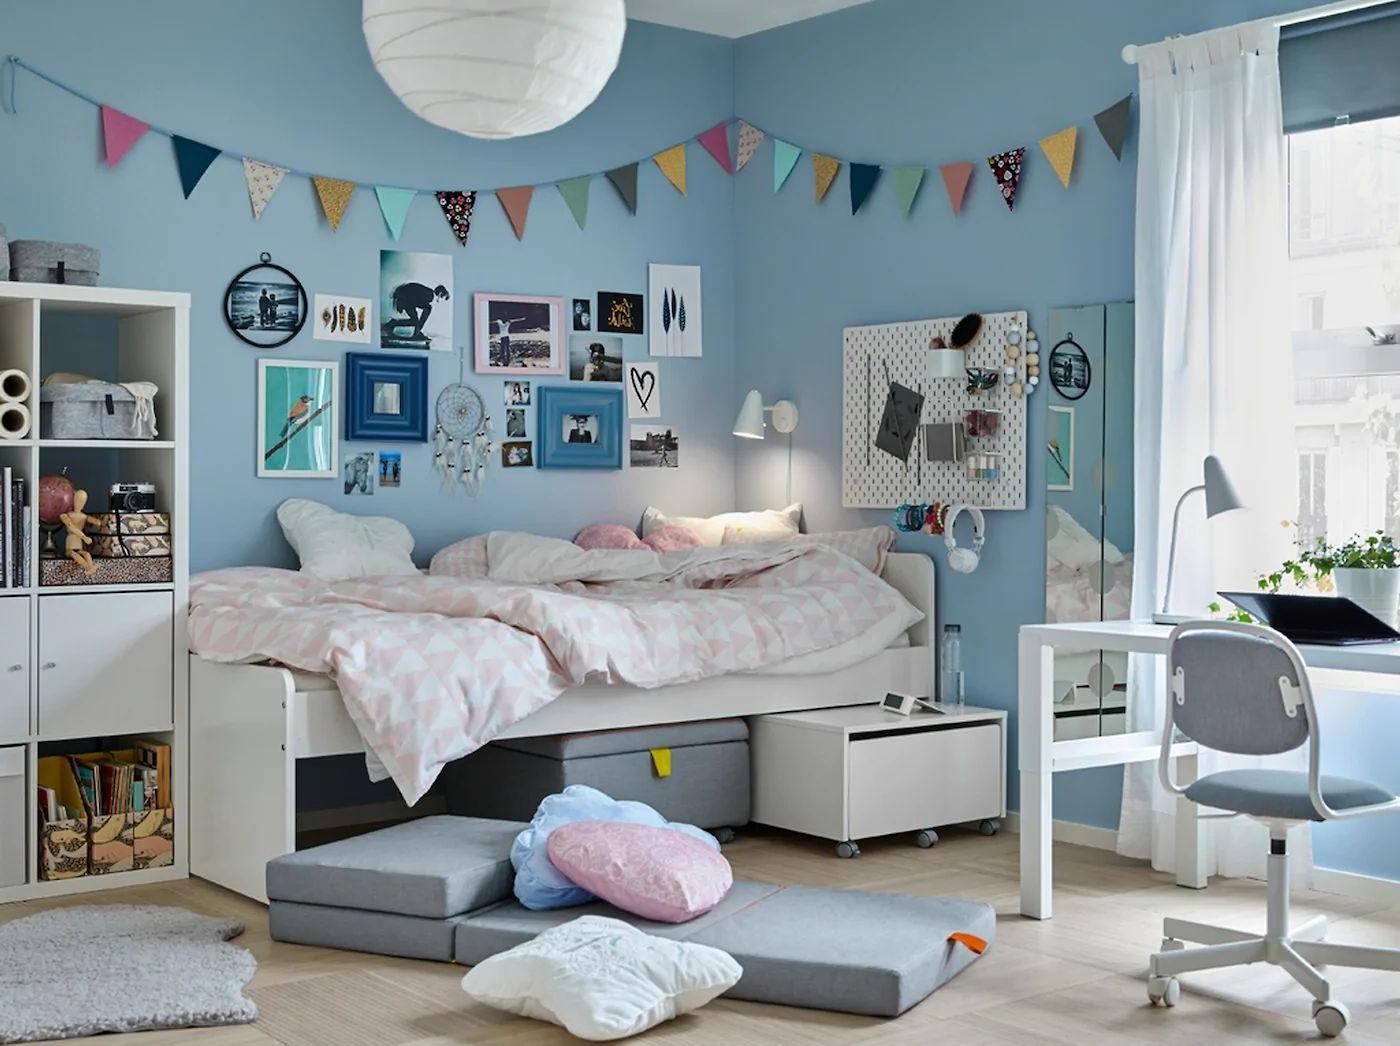 Chambre ado fille Ikea : 8 modèles pour vous inspirer